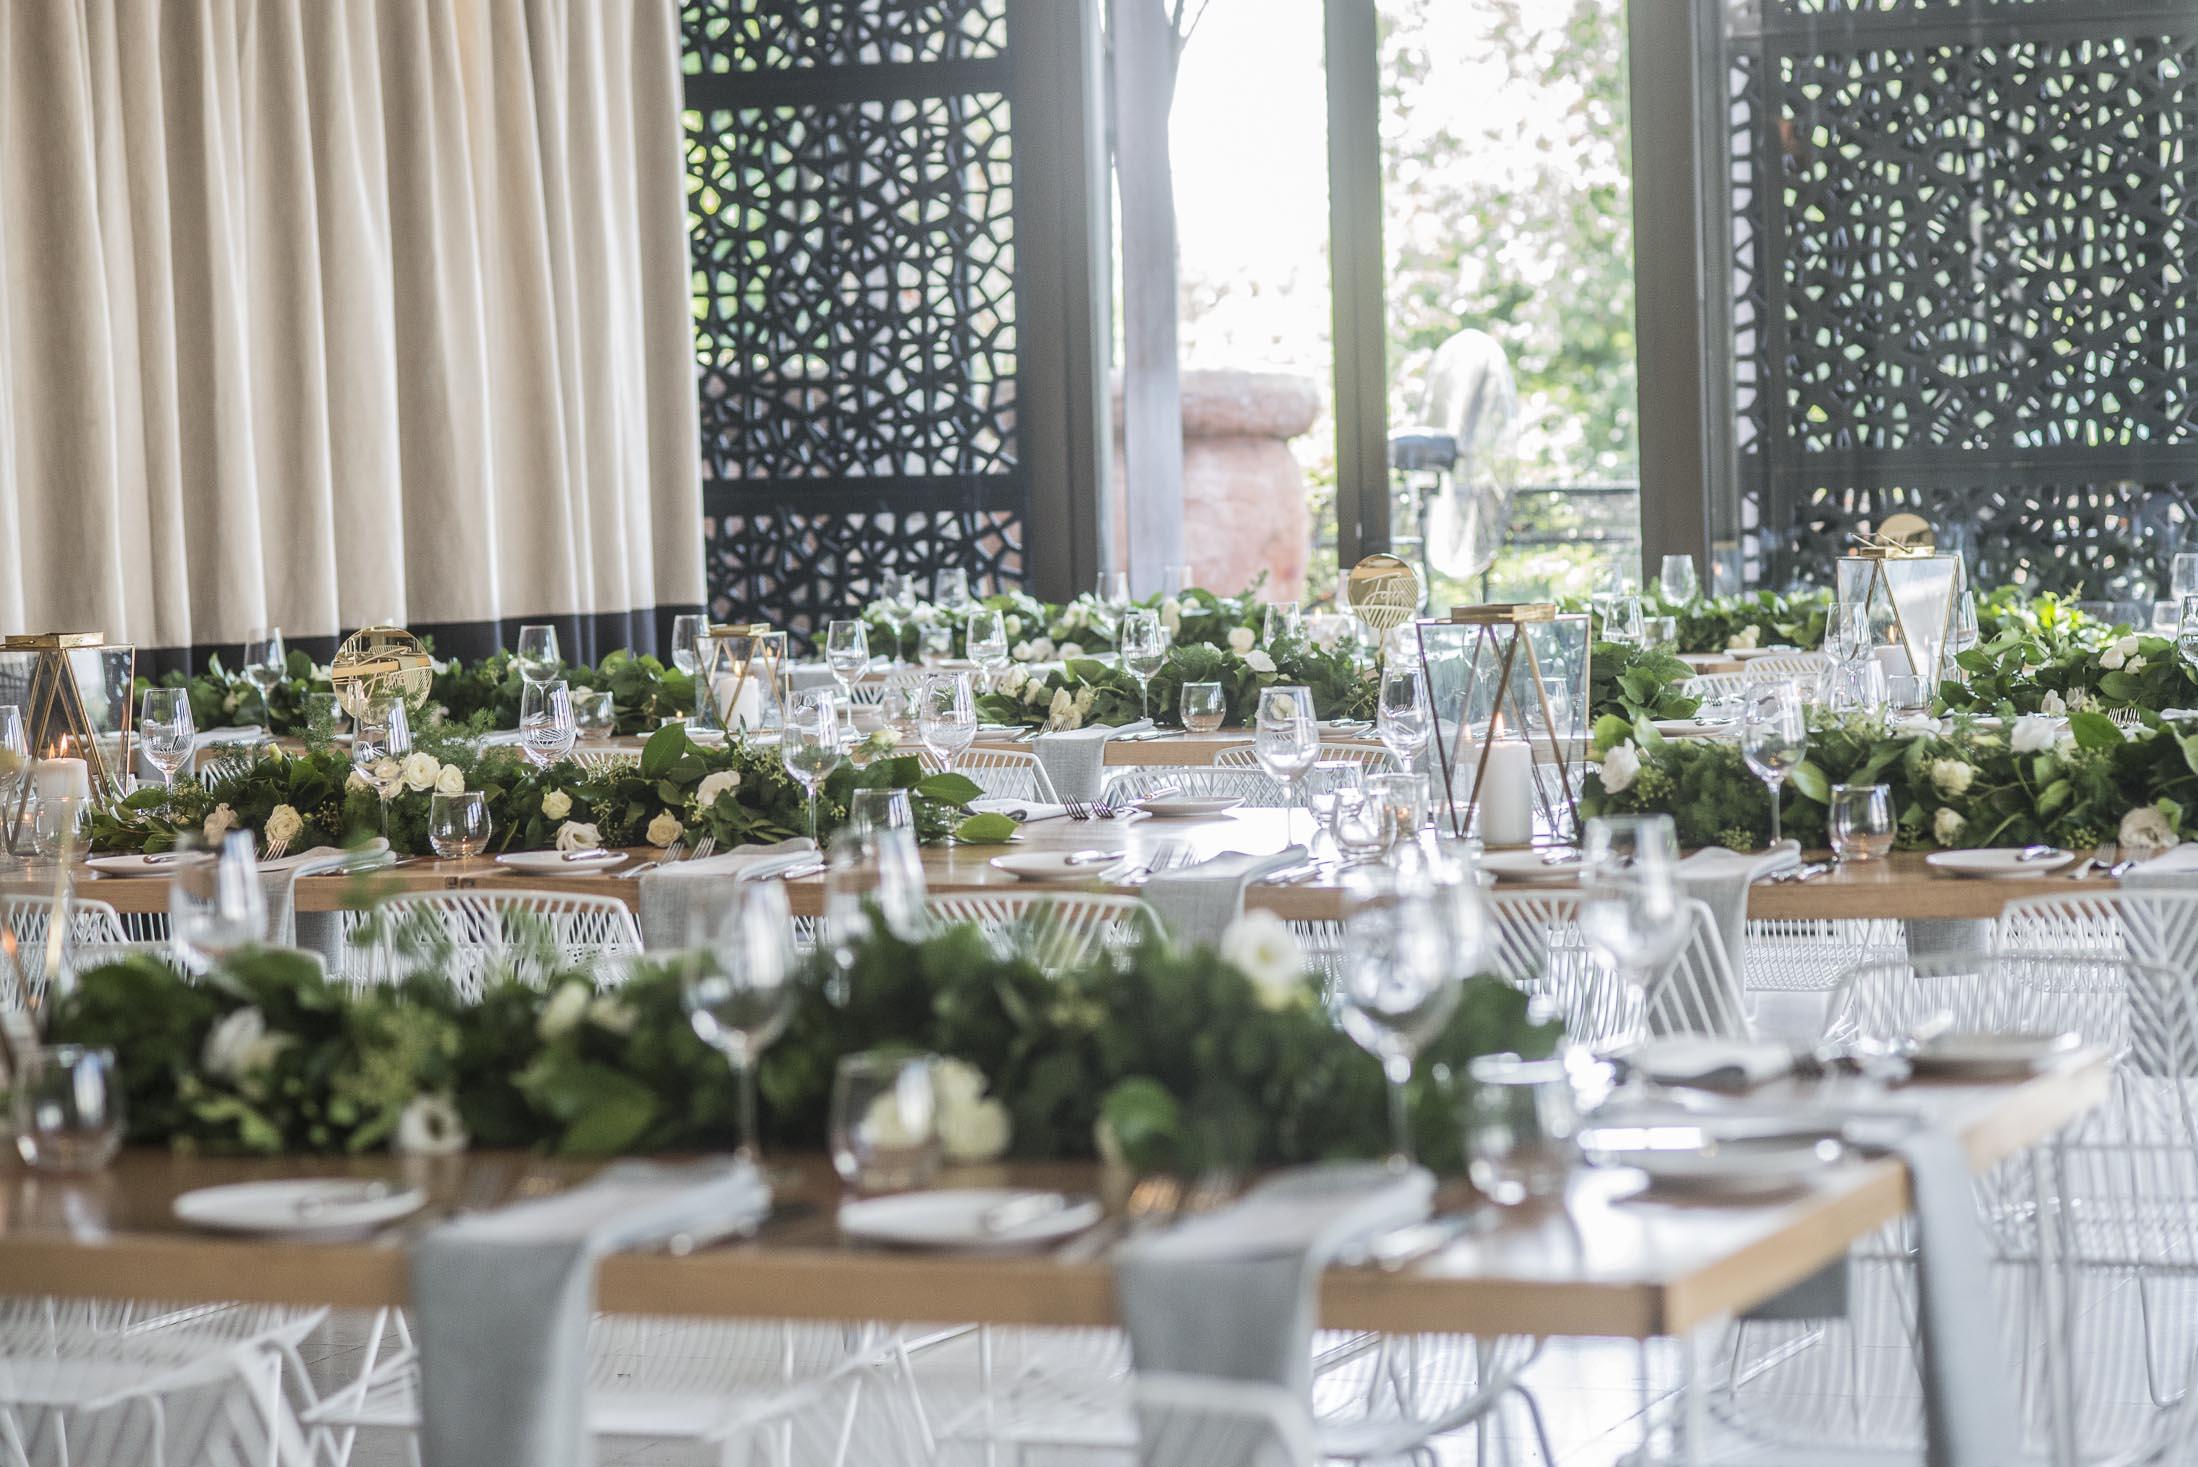 Table garlands Melbourne